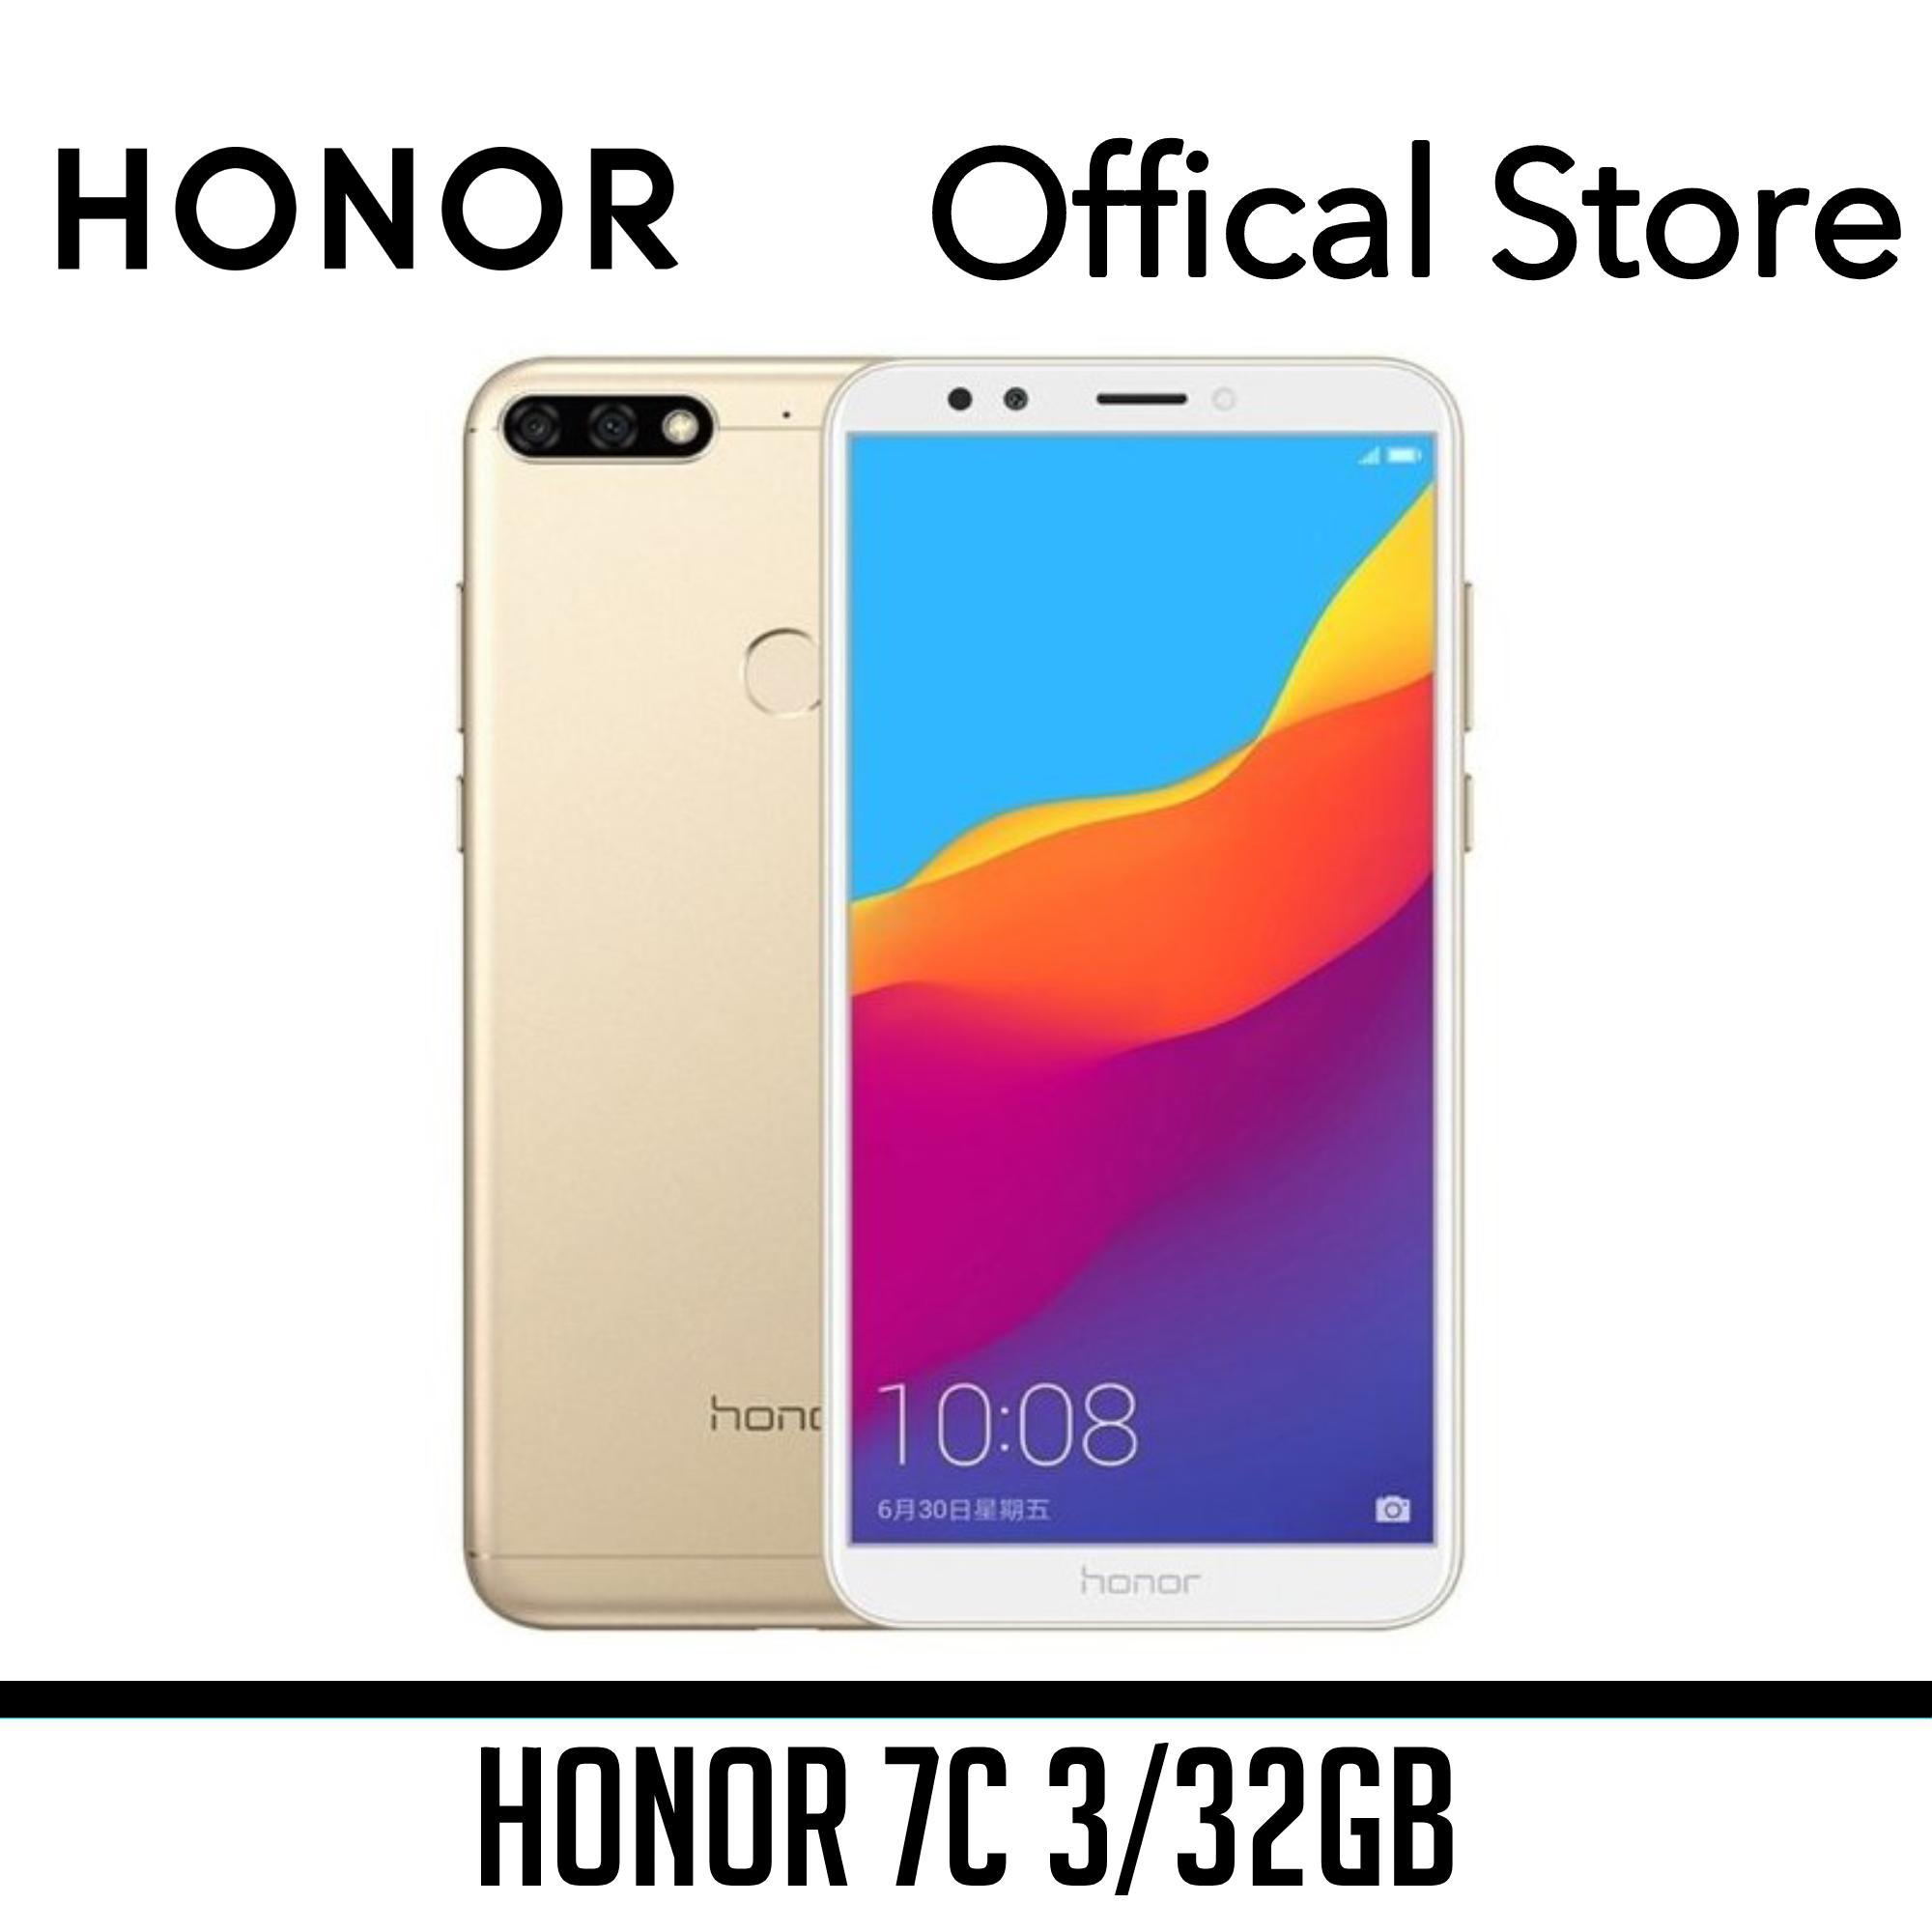 Honor 7C 3/32GB